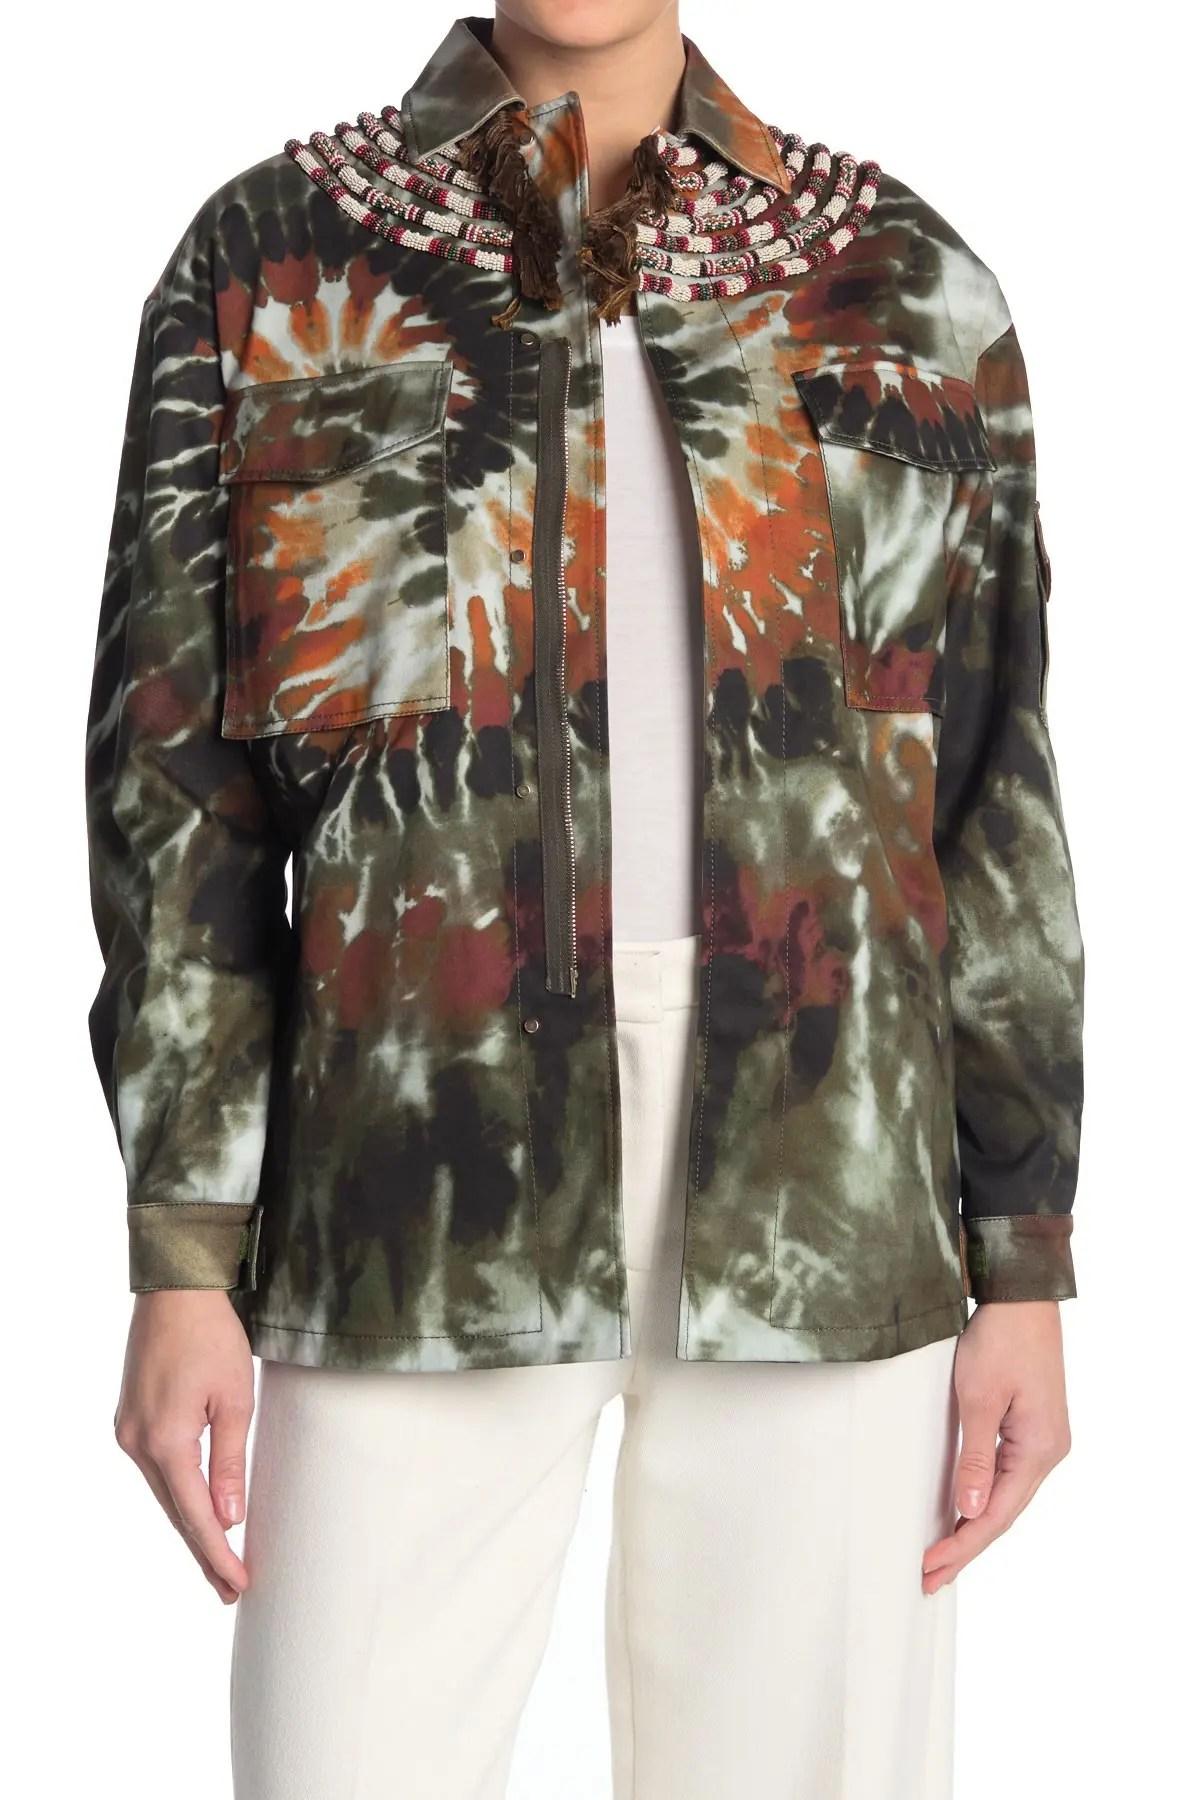 valentino caban embellished tie dye jacket nordstrom rack